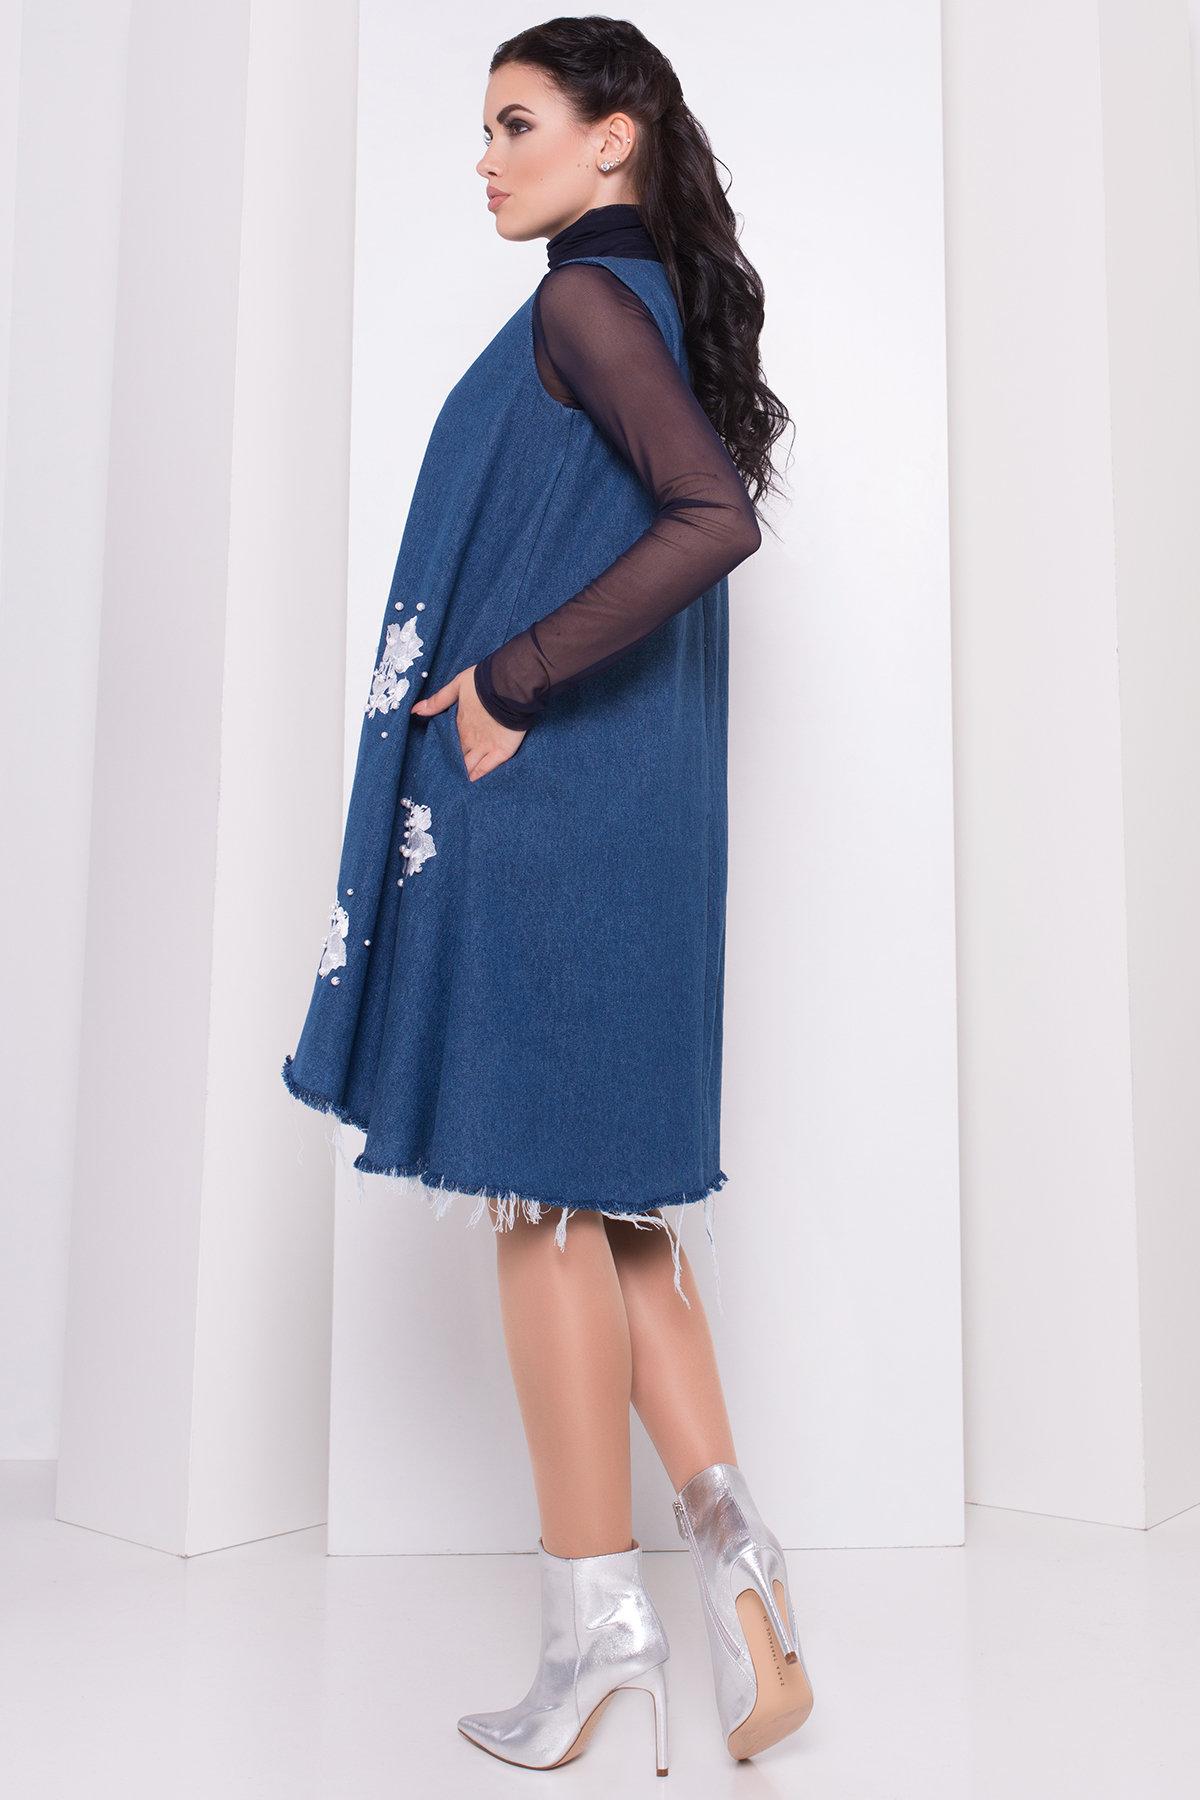 Платье Индира 3404 АРТ. 17363 Цвет: Светлый джинс - фото 1, интернет магазин tm-modus.ru